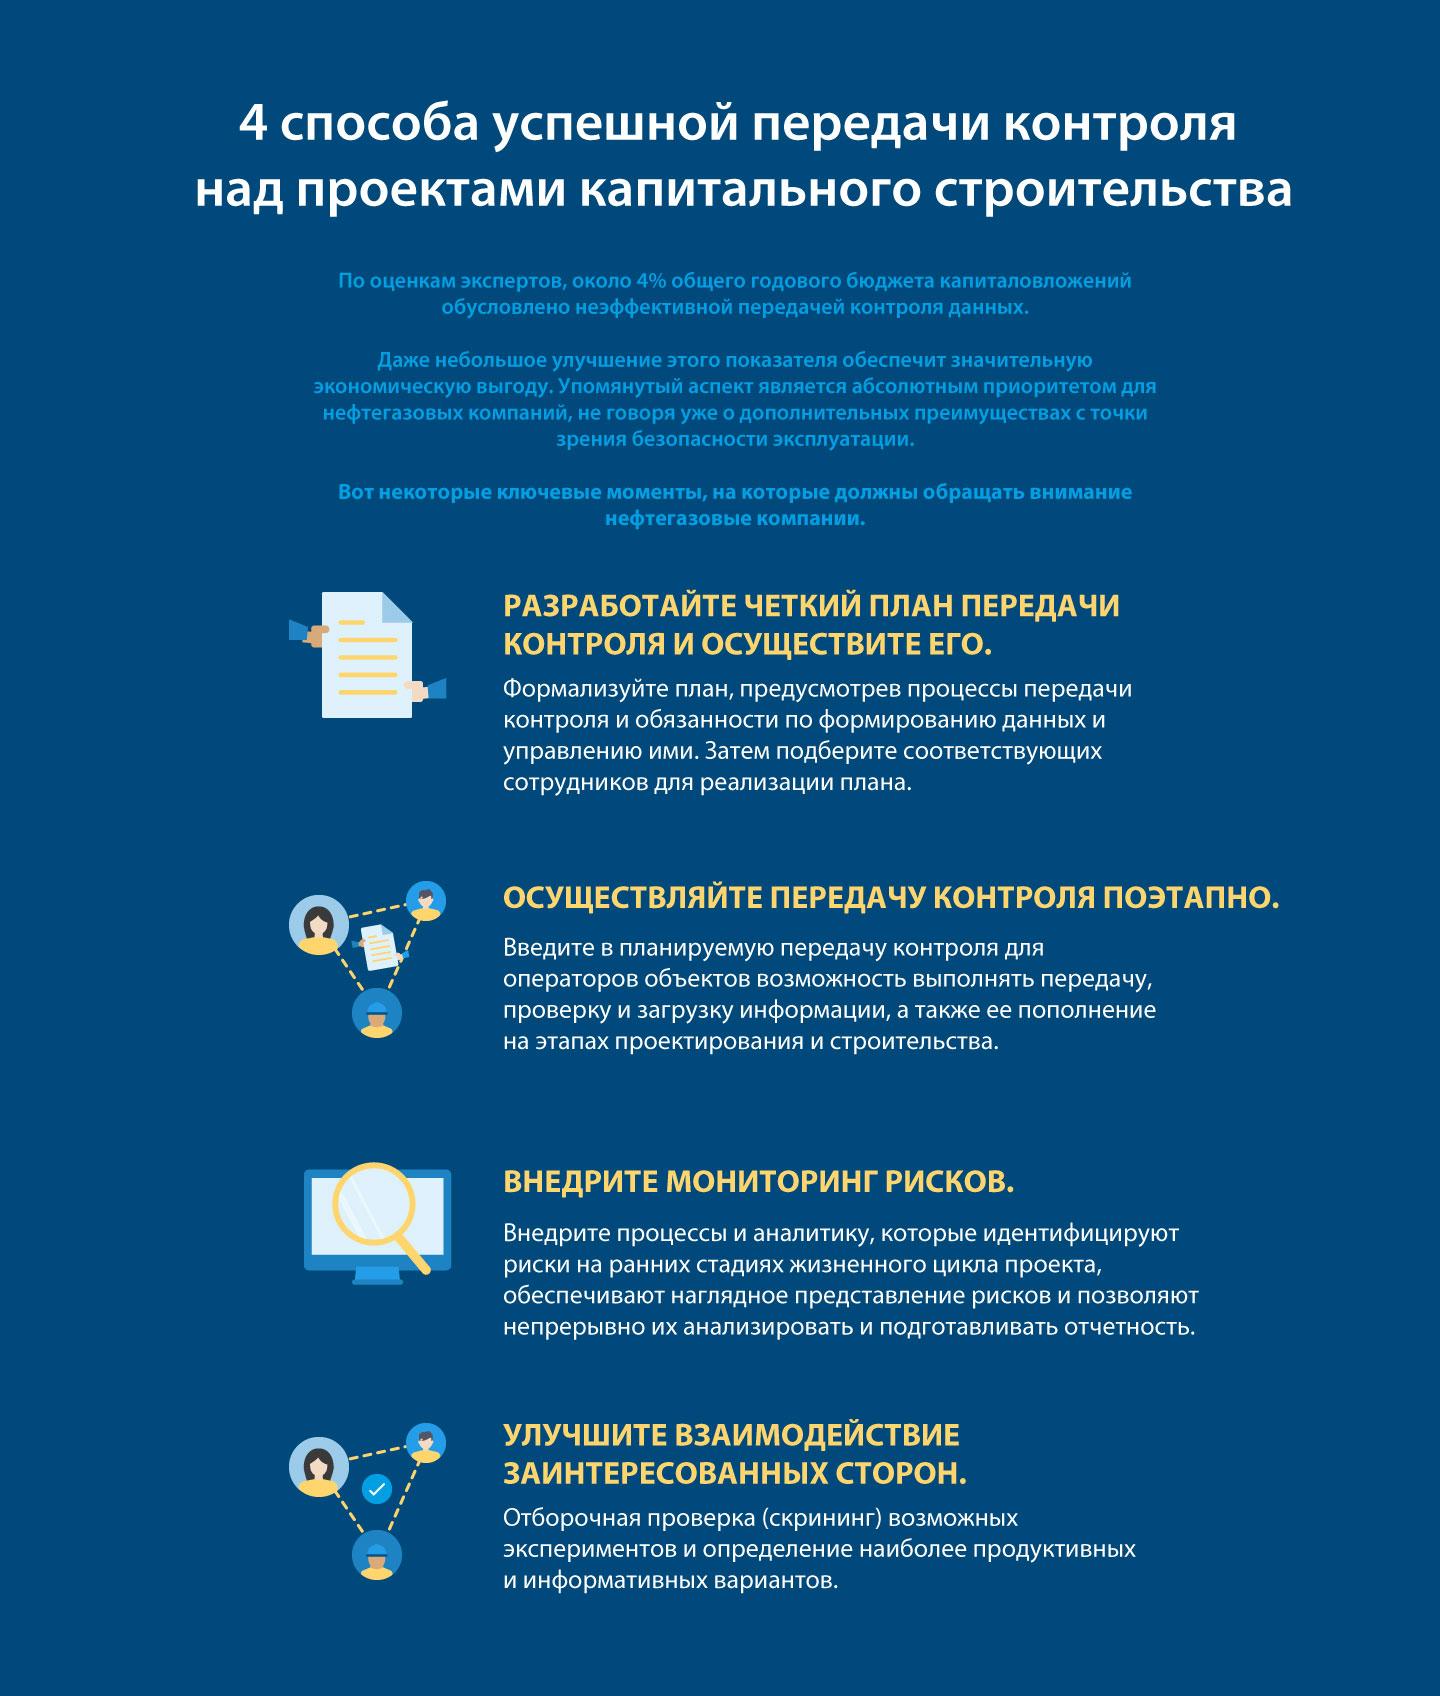 Цифровая трансформация > 4способа успешной передачи контроля капитальных проектов > Dassault Systèmes®